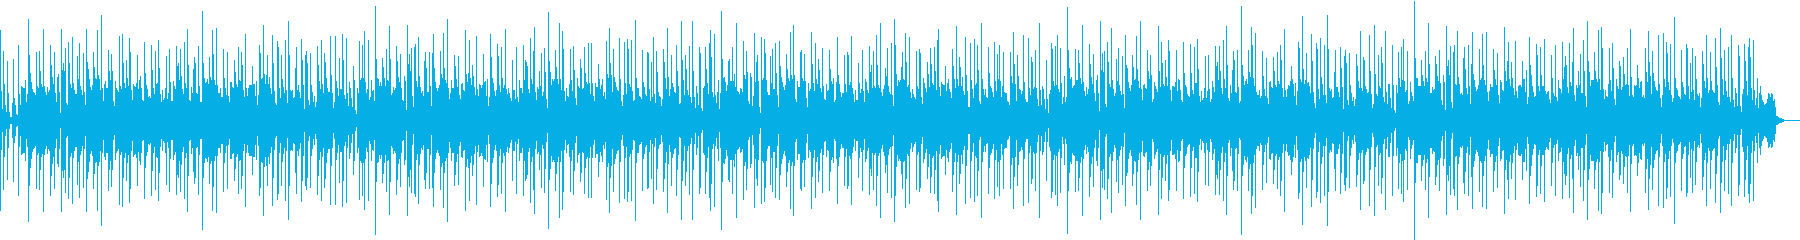 バンドサウンドBBking風BGMの再生済みの波形